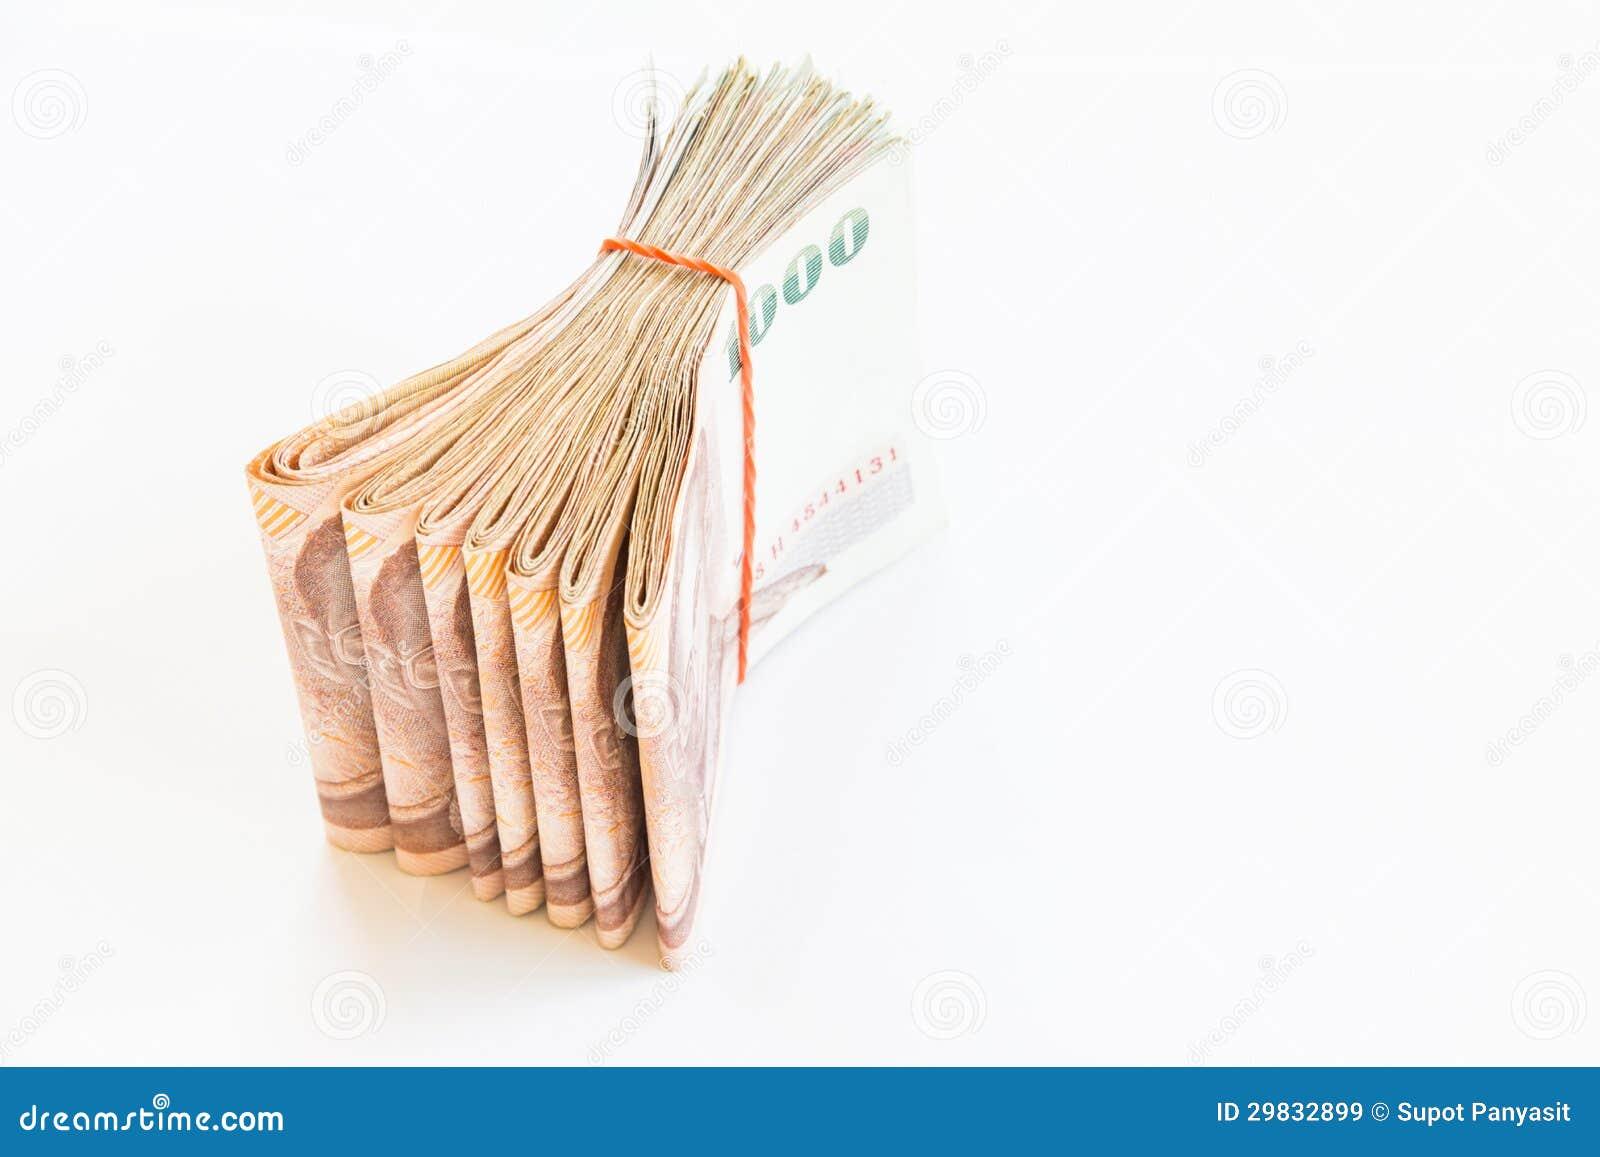 Dinheiro tailandês isolado